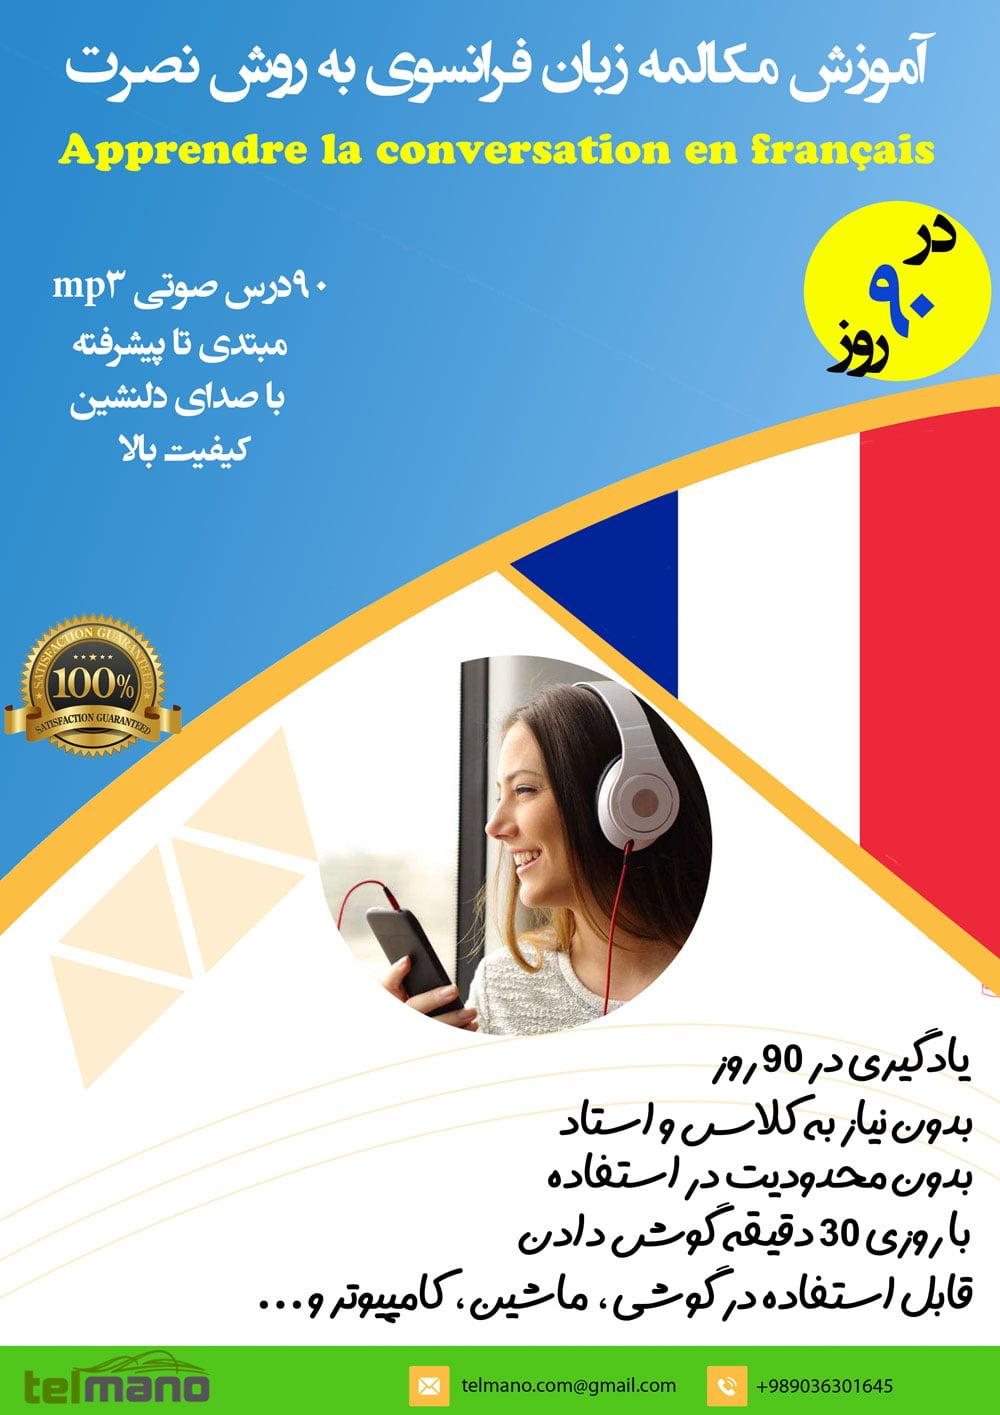 دانلود رایگان آموزش مکالمه زبان فرانسوی به روش نصرت صوتی mp3 در 30 روز 100% تضمینی موبایل و ماشین آیفون + کتاب pdf